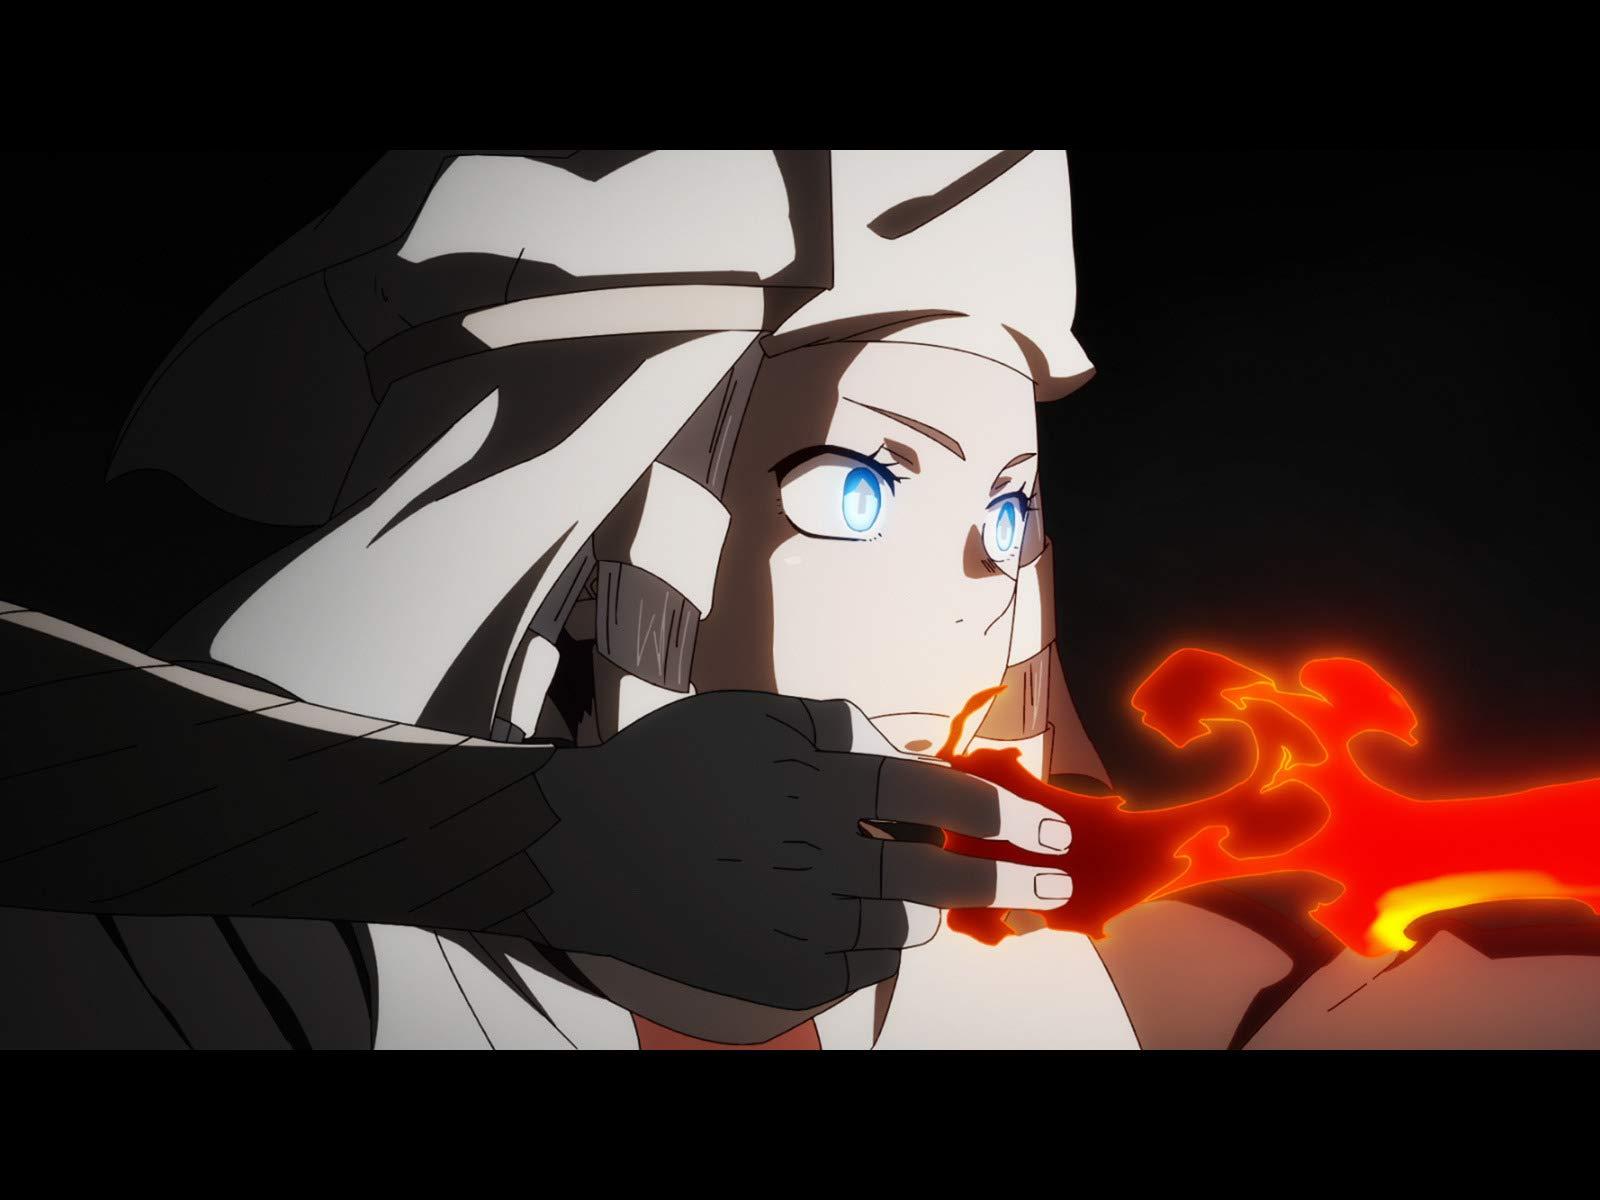 アニメ 消防 炎 ノ 々 隊